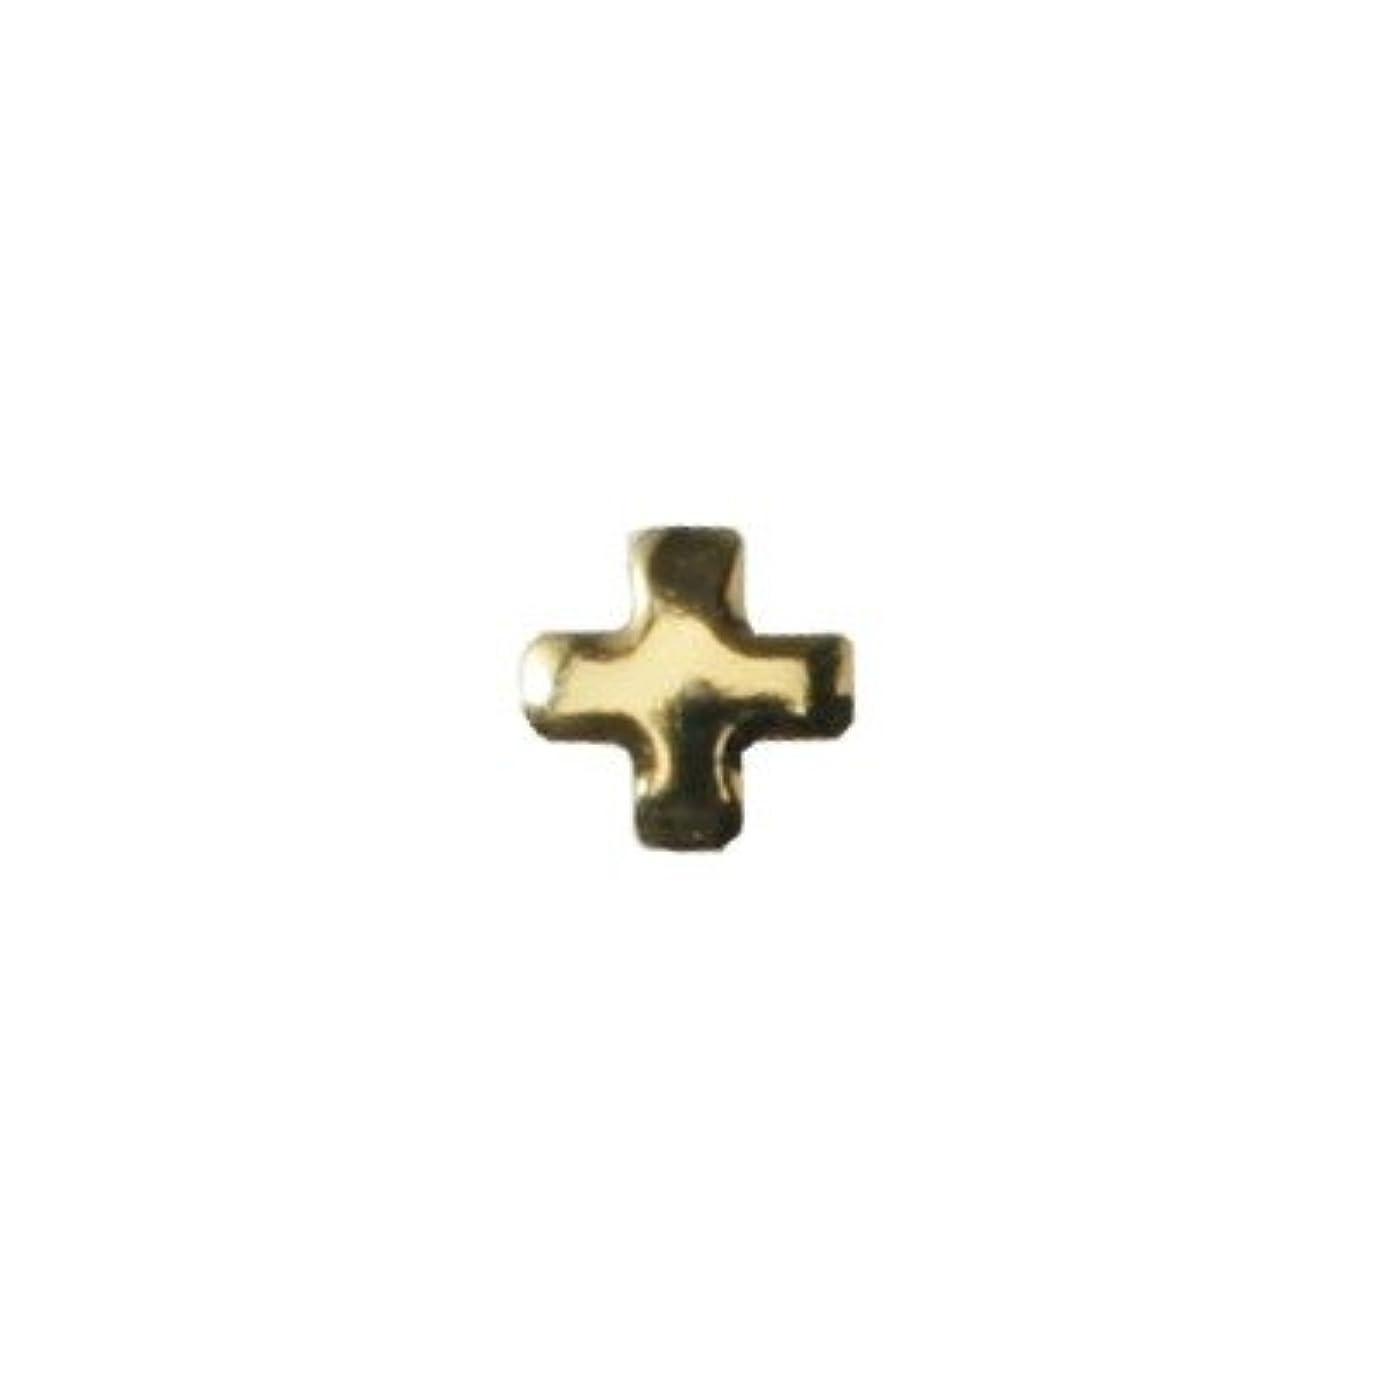 外交原油入り口ピアドラ スタッズ クロスレット 3mm 50P ゴールド